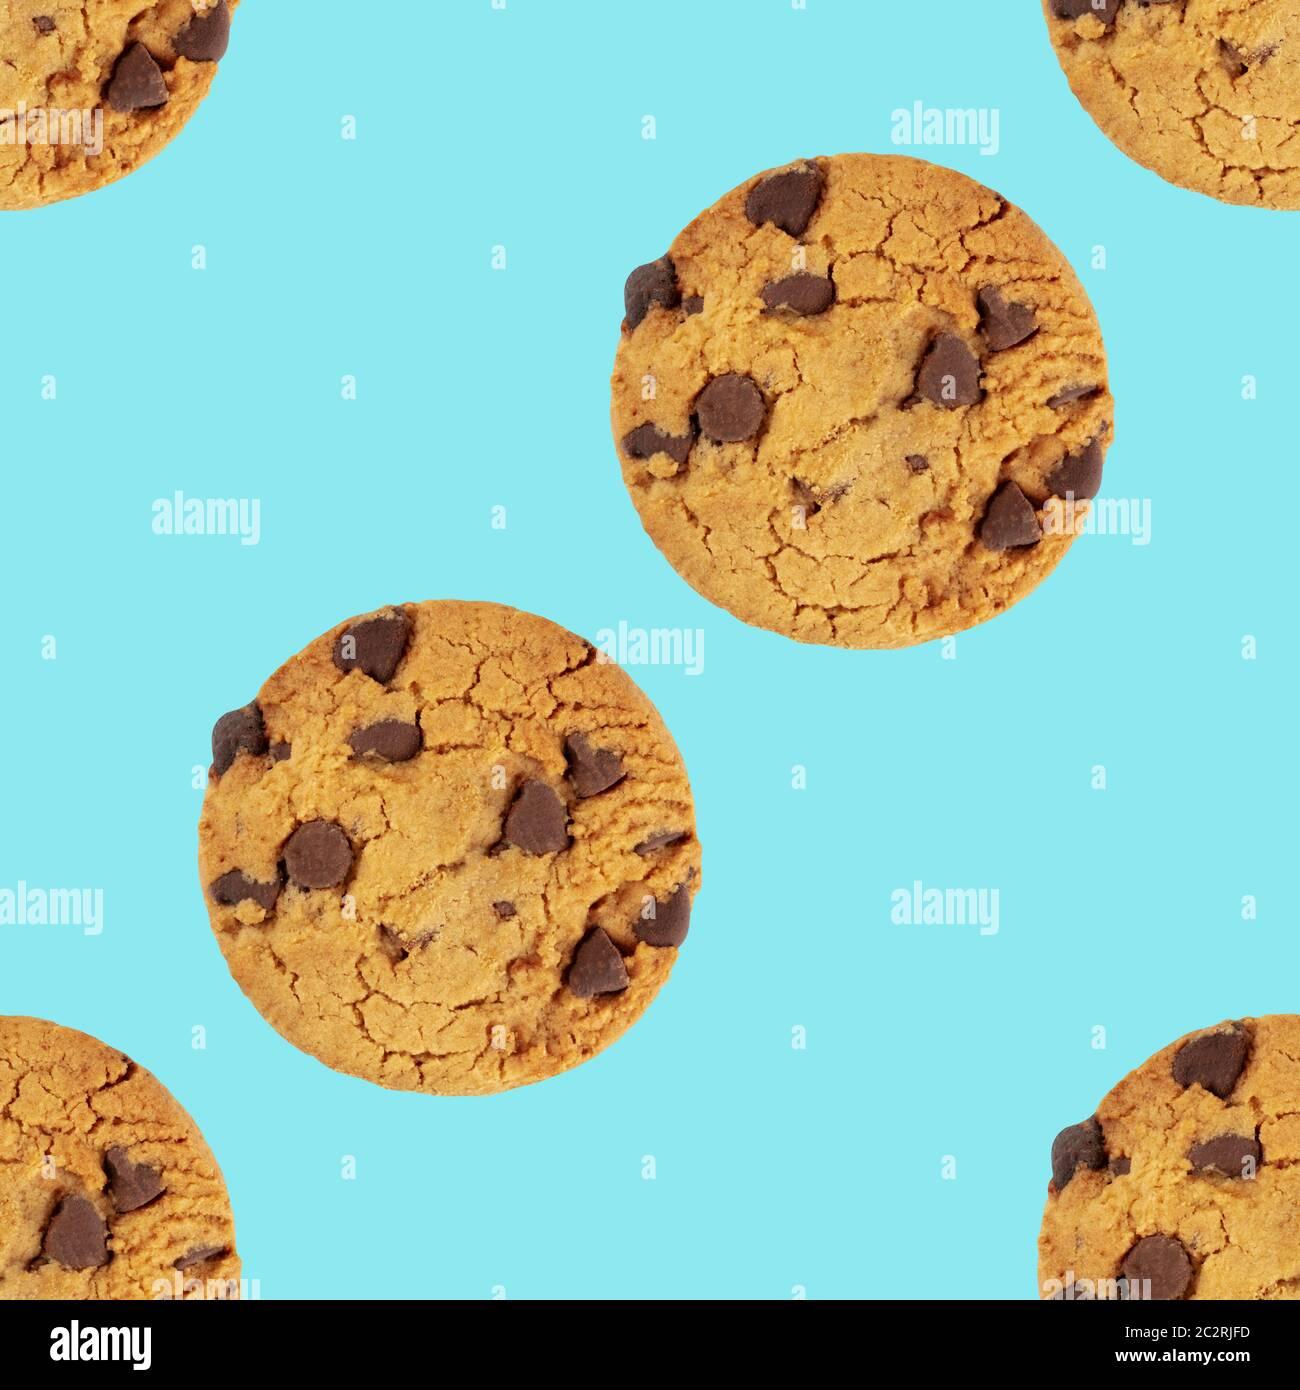 Cookies aux pépites de chocolat, sans gluten, un modèle de répétition transparente sur un fond bleu Banque D'Images